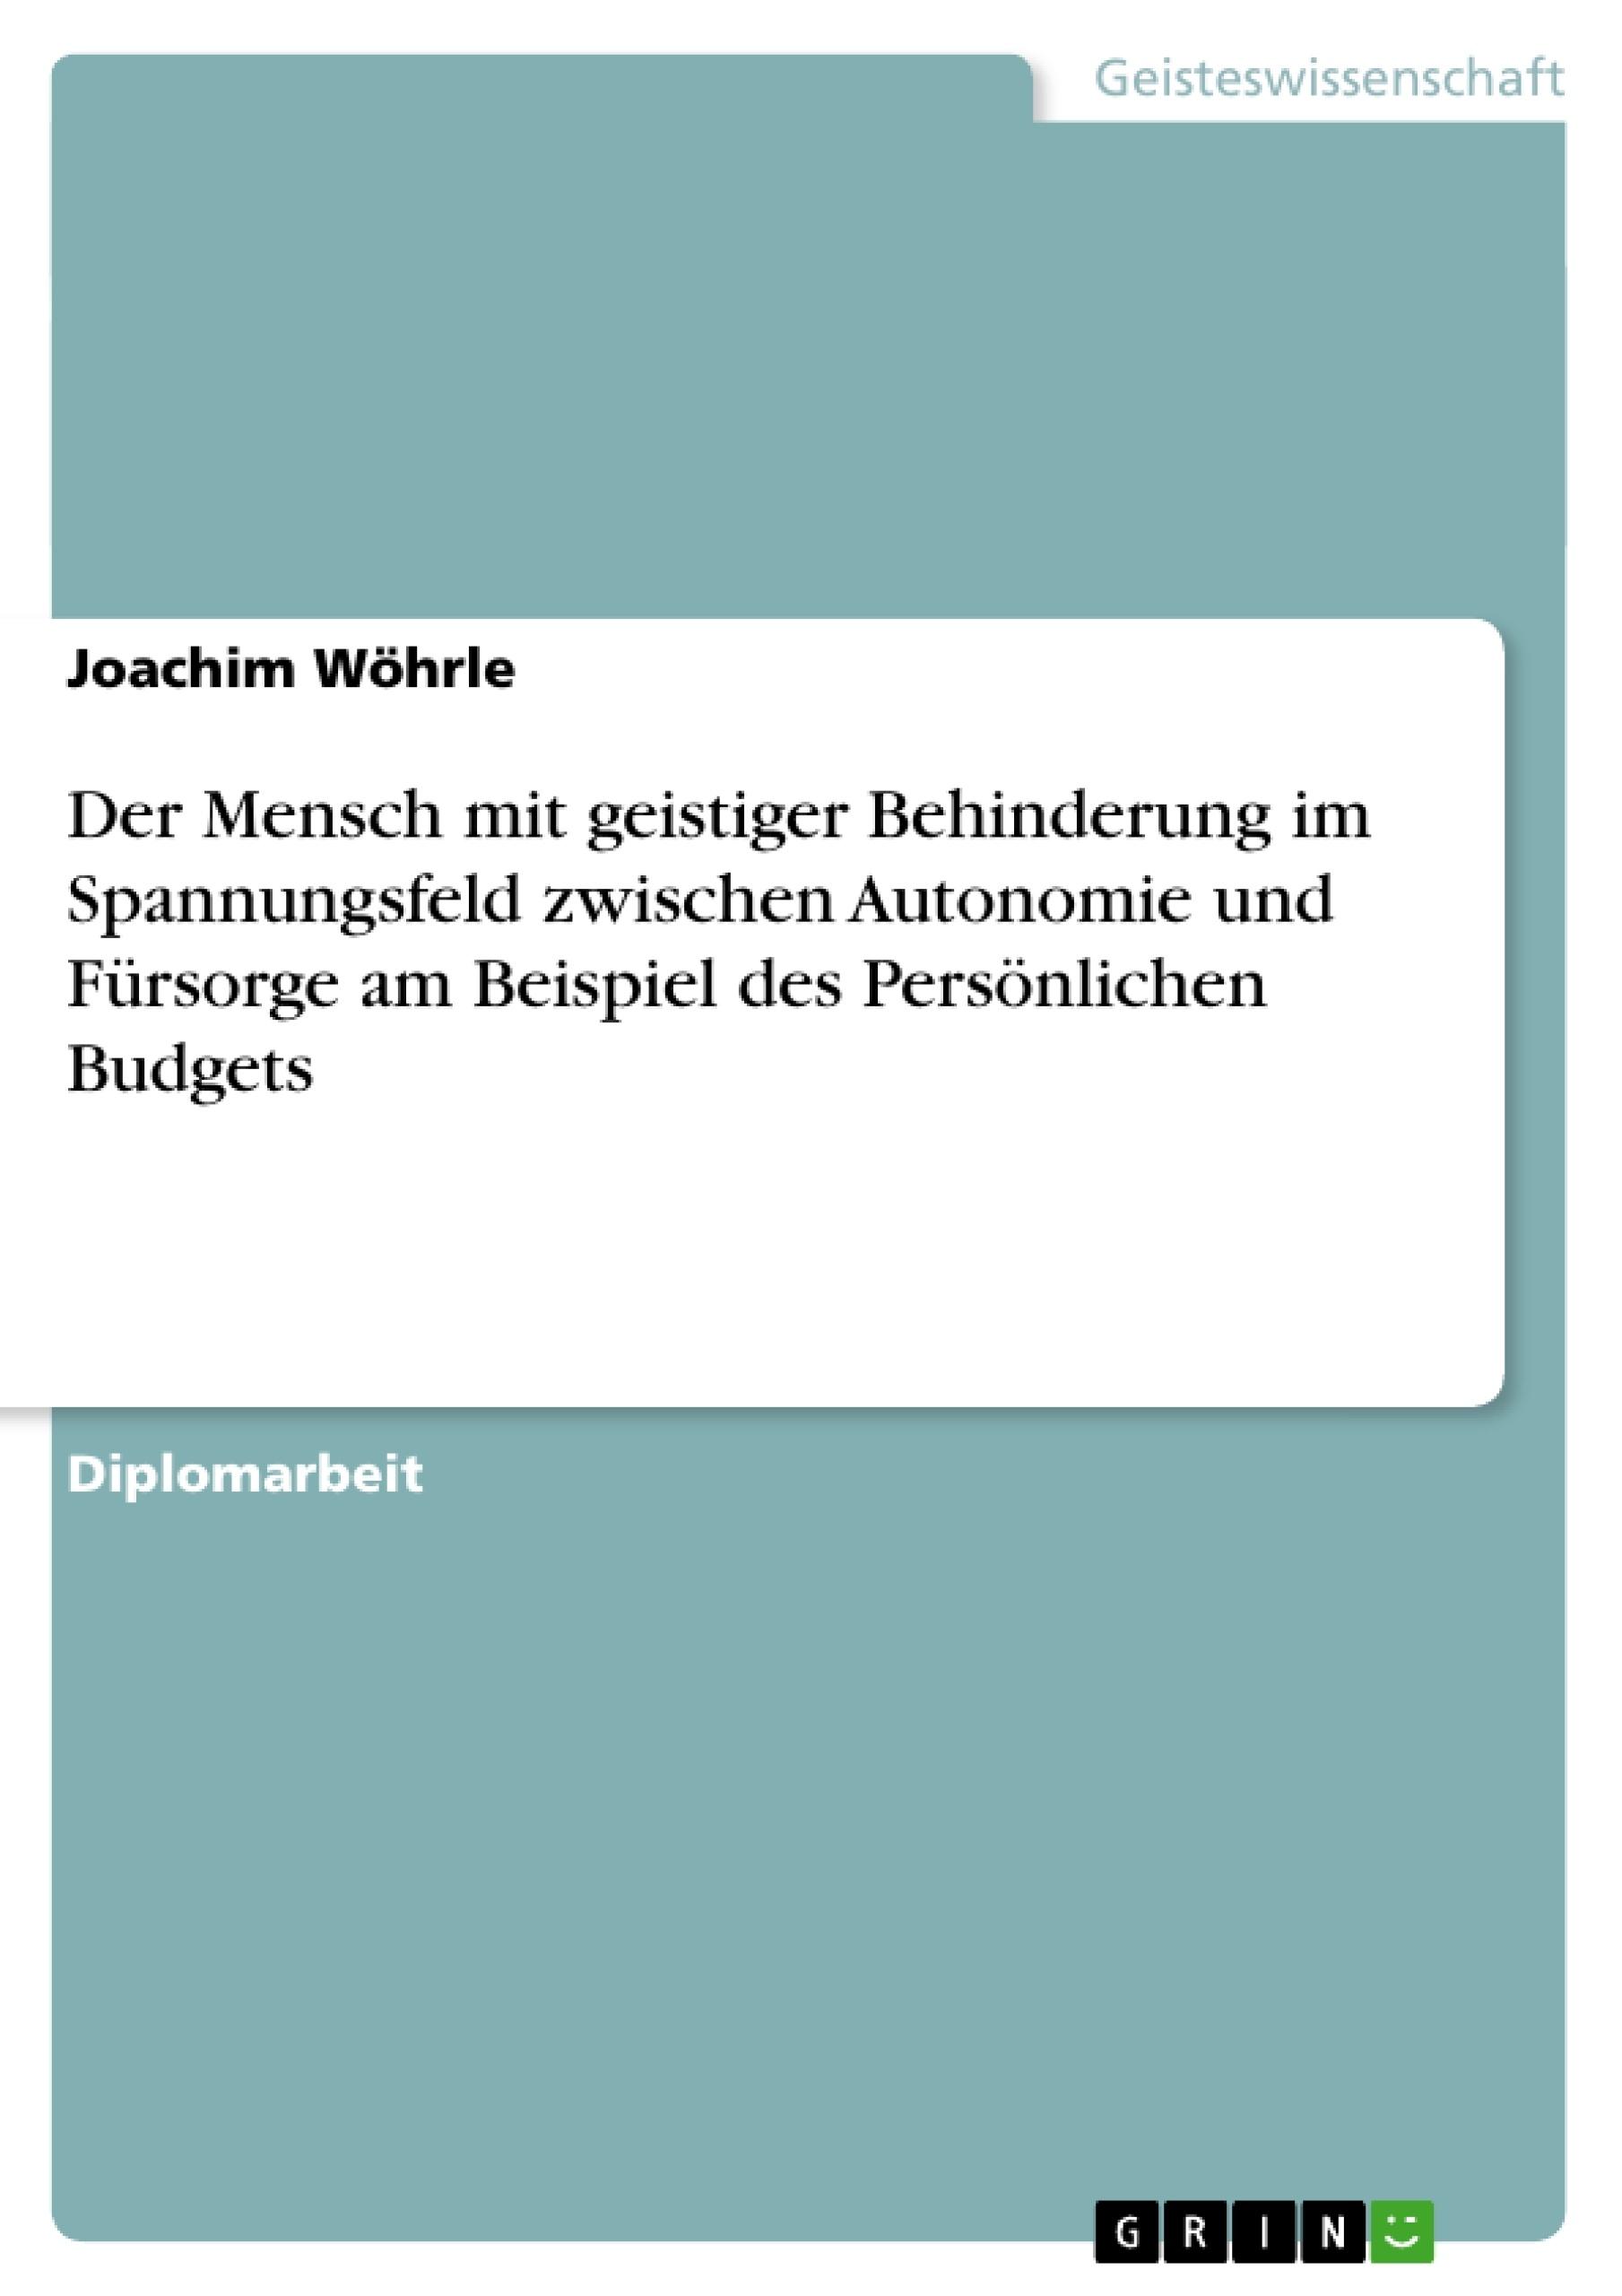 Titel: Der Mensch mit geistiger Behinderung im Spannungsfeld zwischen Autonomie und Fürsorge am Beispiel des Persönlichen Budgets